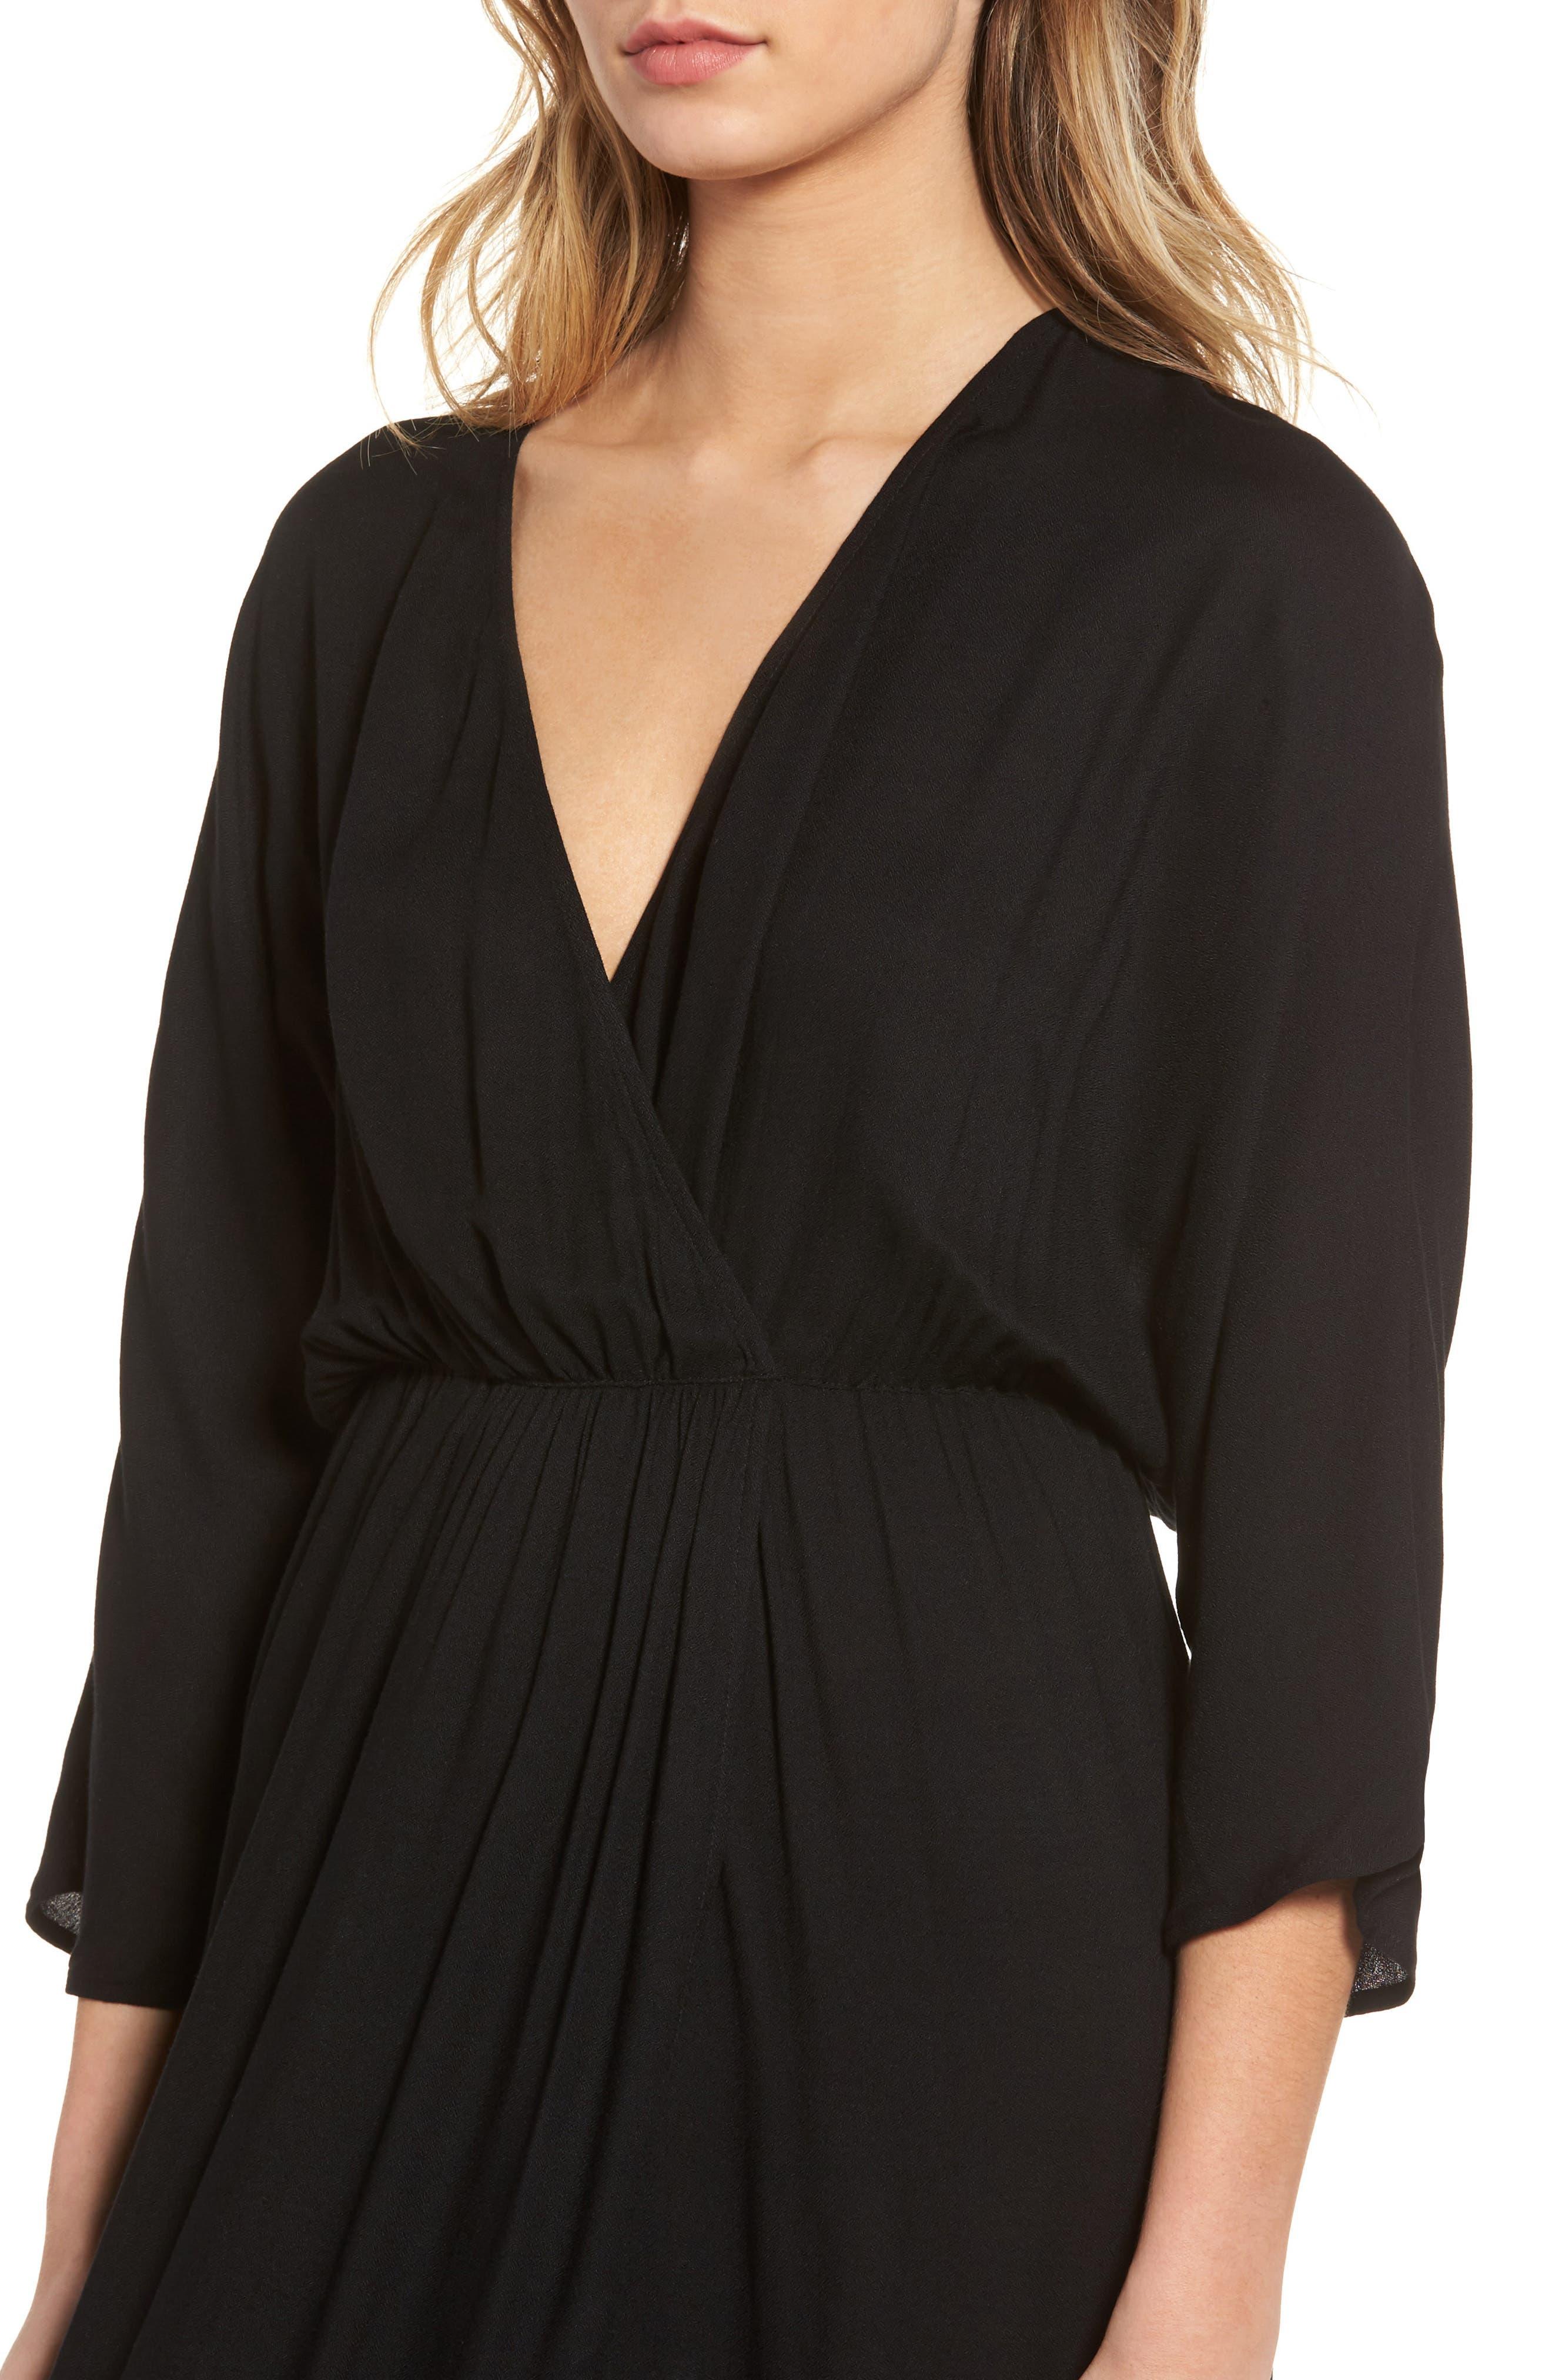 Blouson Maxi Dress,                             Alternate thumbnail 4, color,                             001